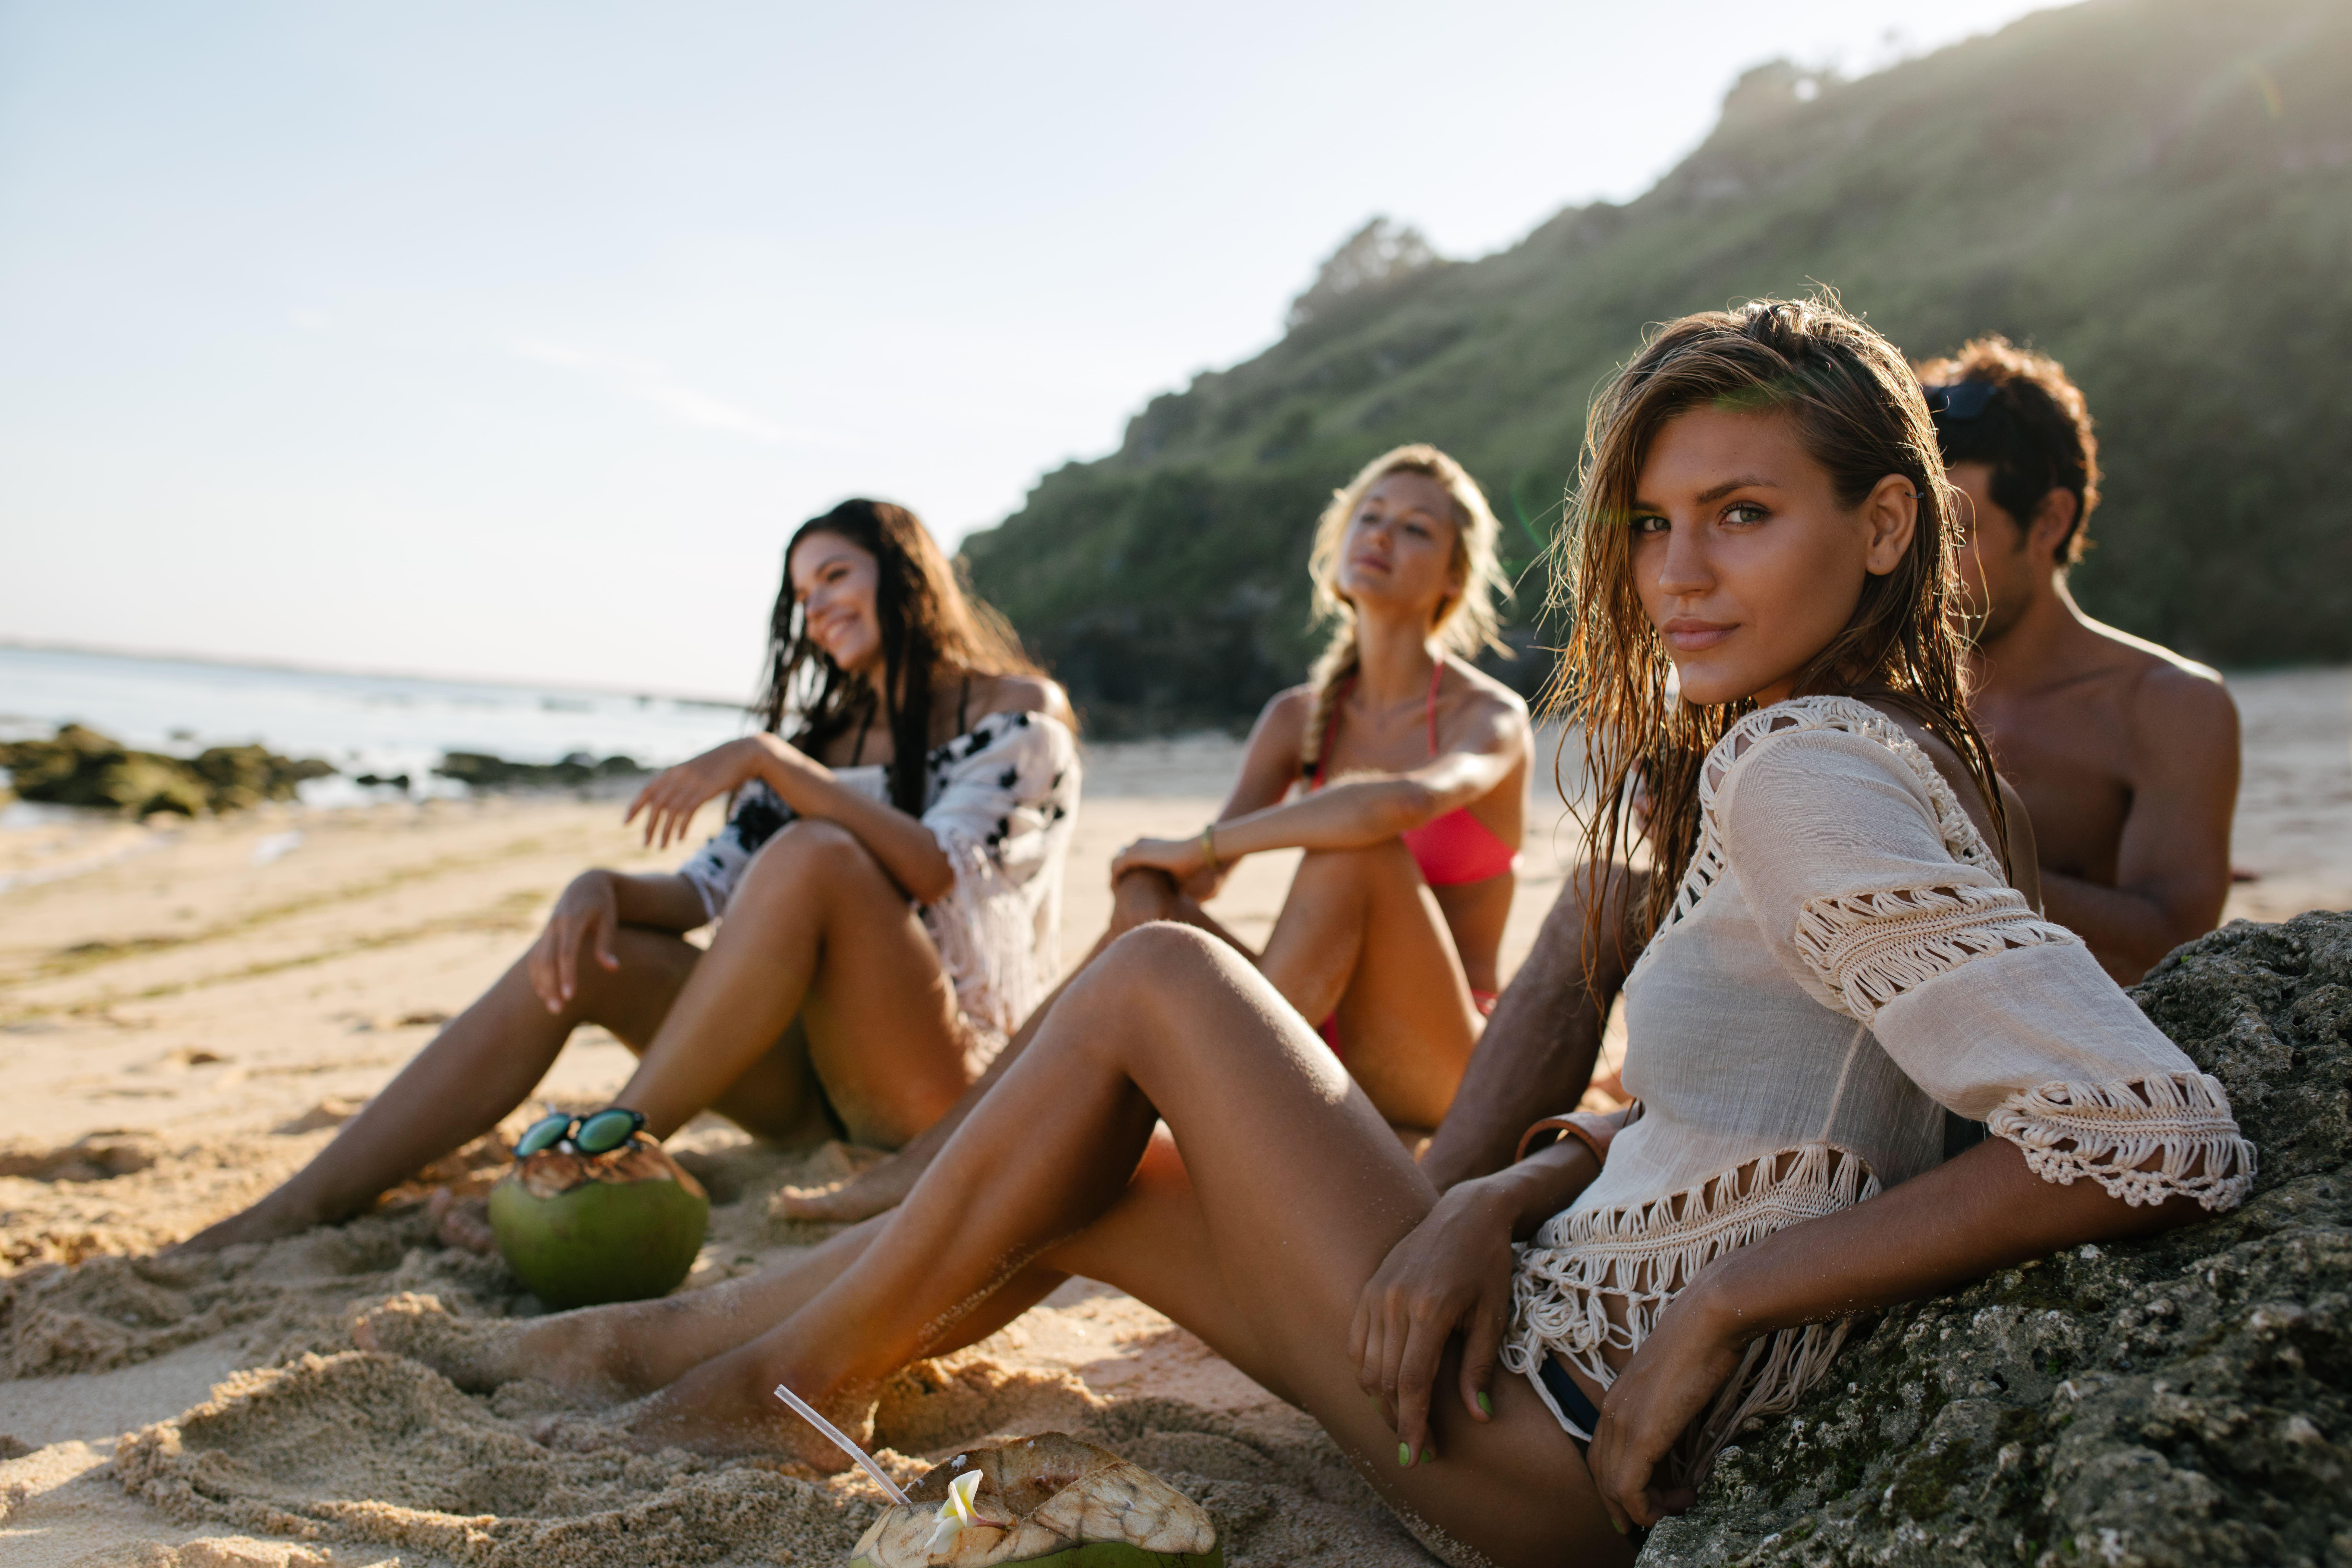 Imagem de modelos estrelando uma campanha publicitária para divulgar os produtos de um empreendedor que resolveu abrir uma loja de confecção de moda praia